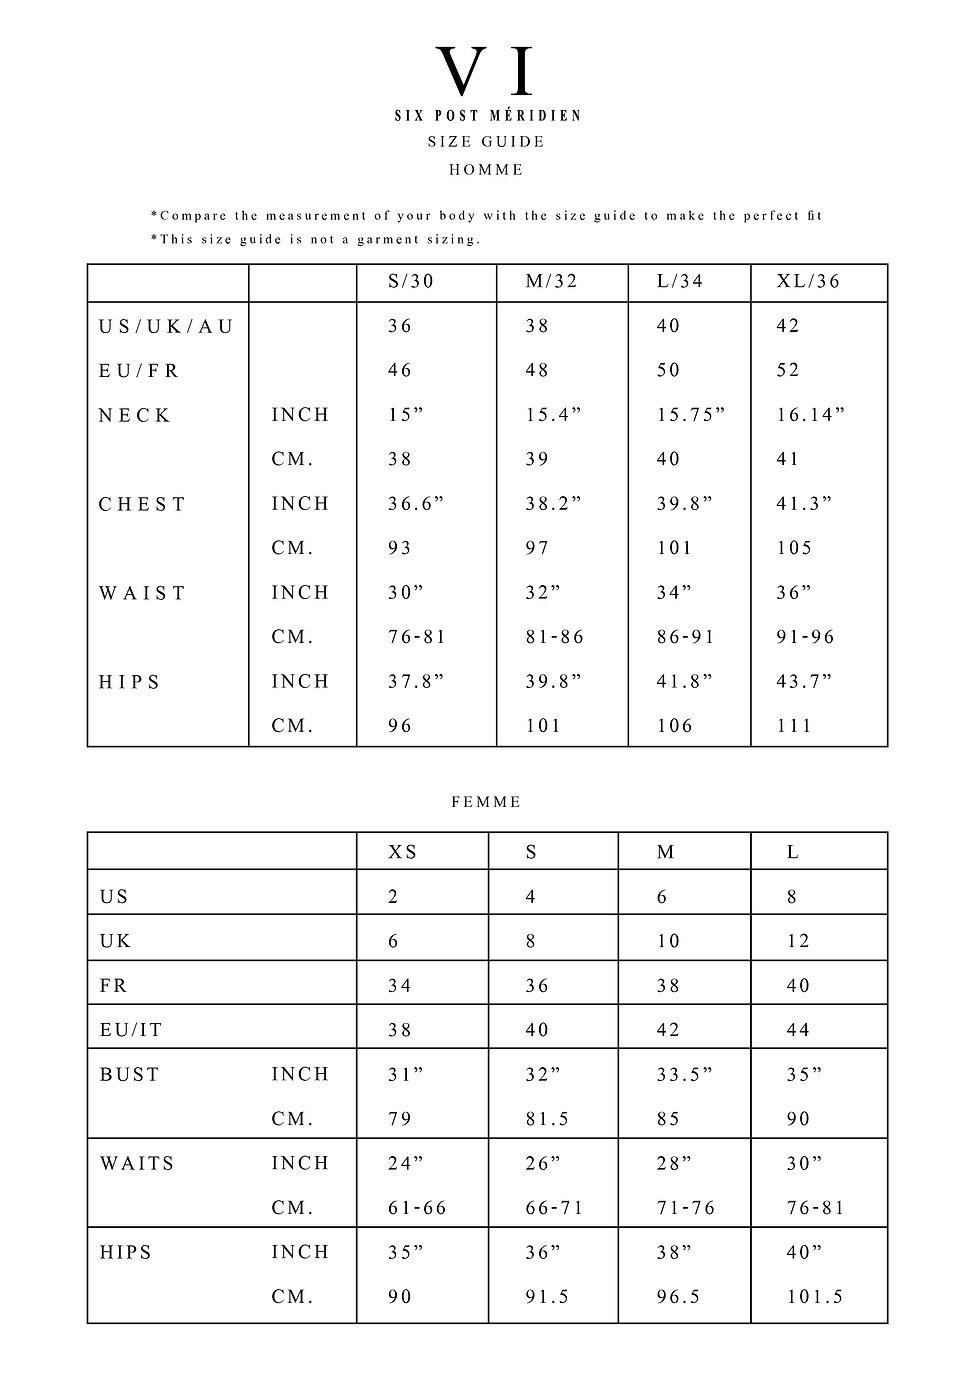 SIX P.M. size chart